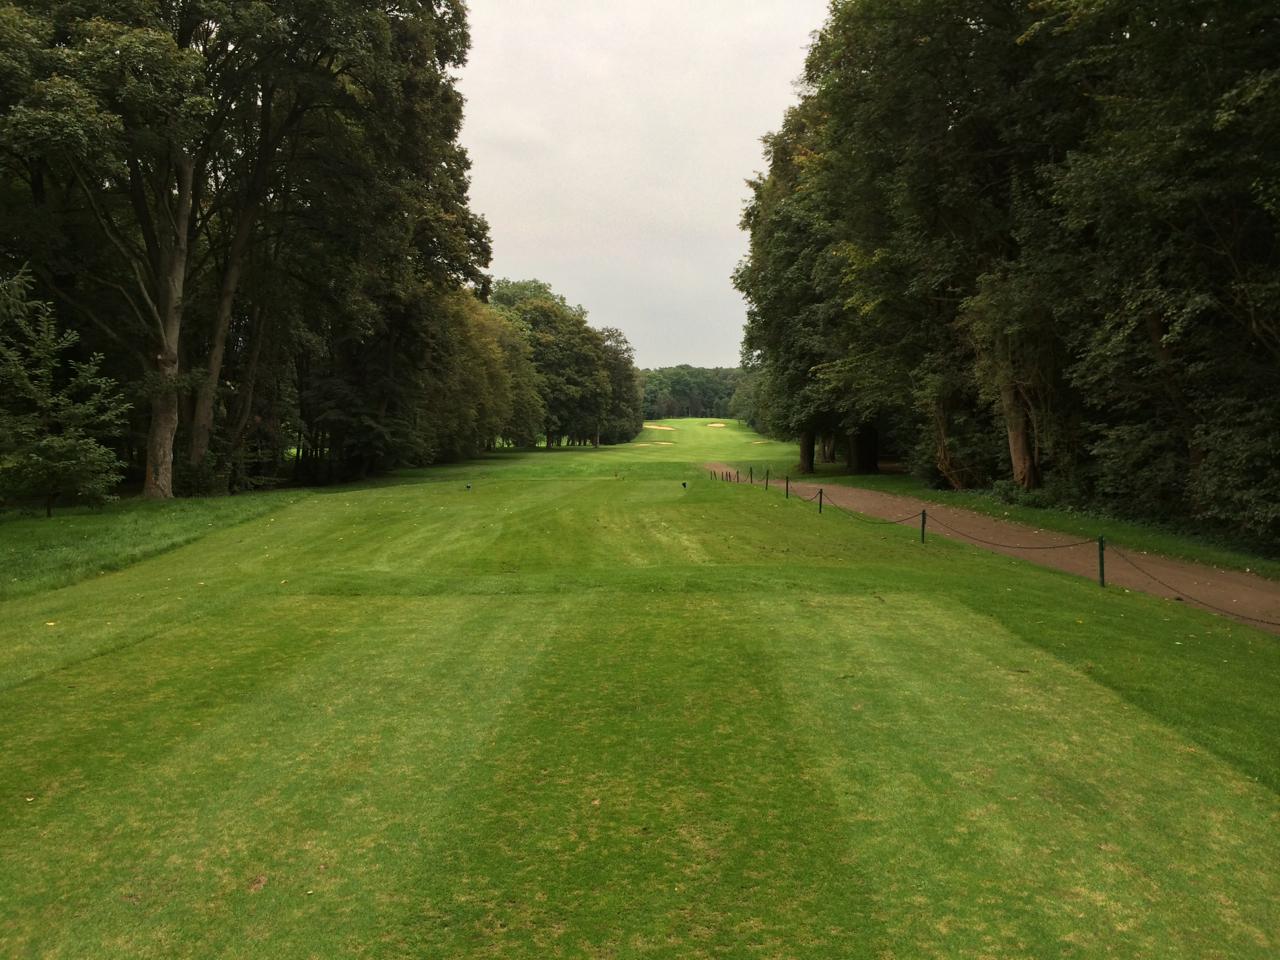 Abschlag Loch 6. Eines der lauten Löcher am Marienburger Golf-Club